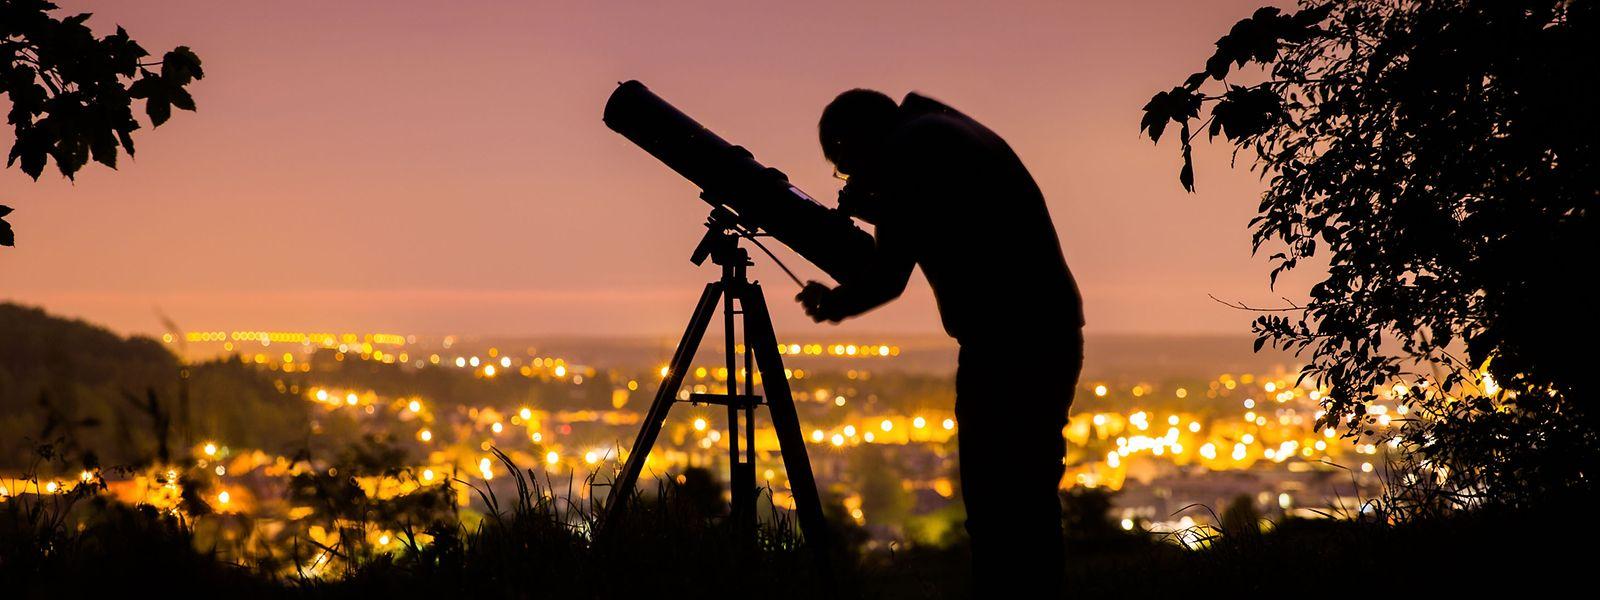 Die Lichtverschmutzung behindert den freien Blick auf den Sternenhimmel.